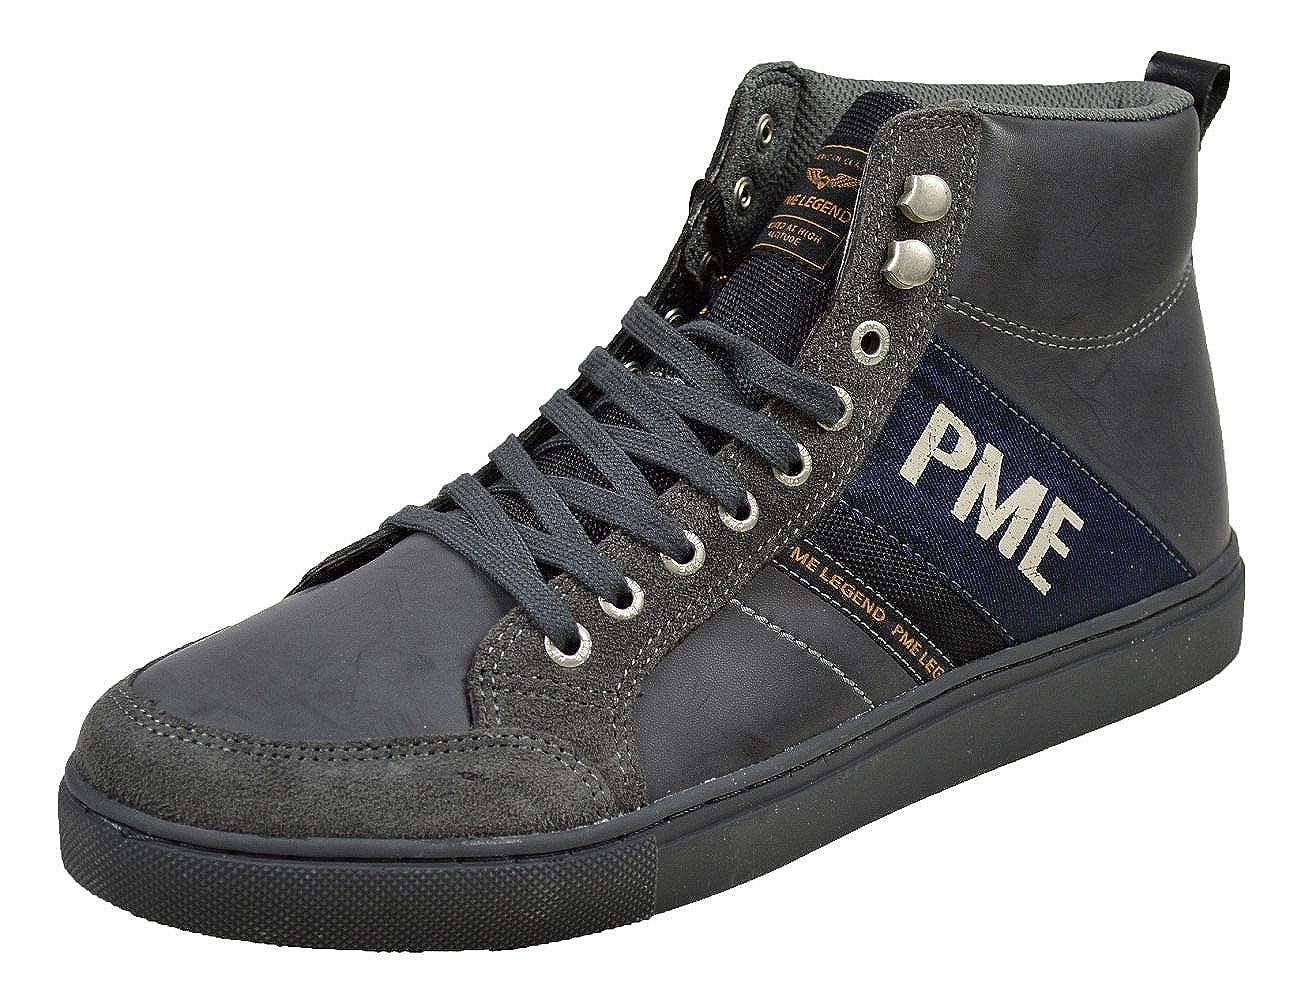 PME Legend Shadow Herren Stiefel Gr.45 Herren Schuhe